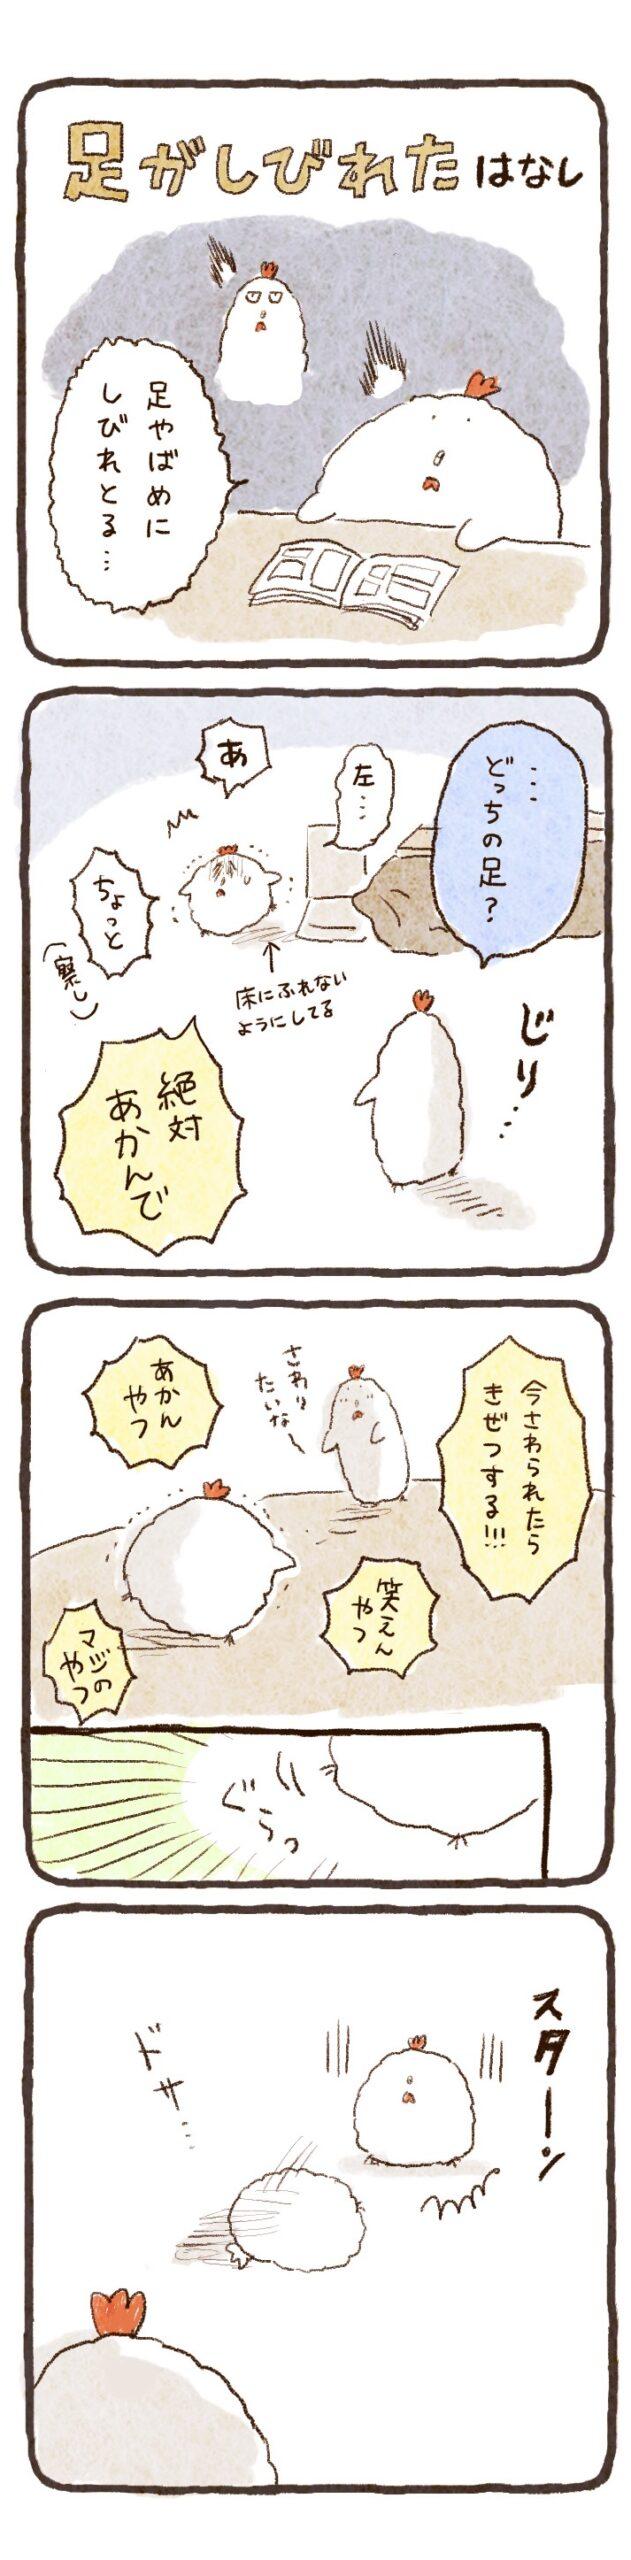 日常漫画_20210615